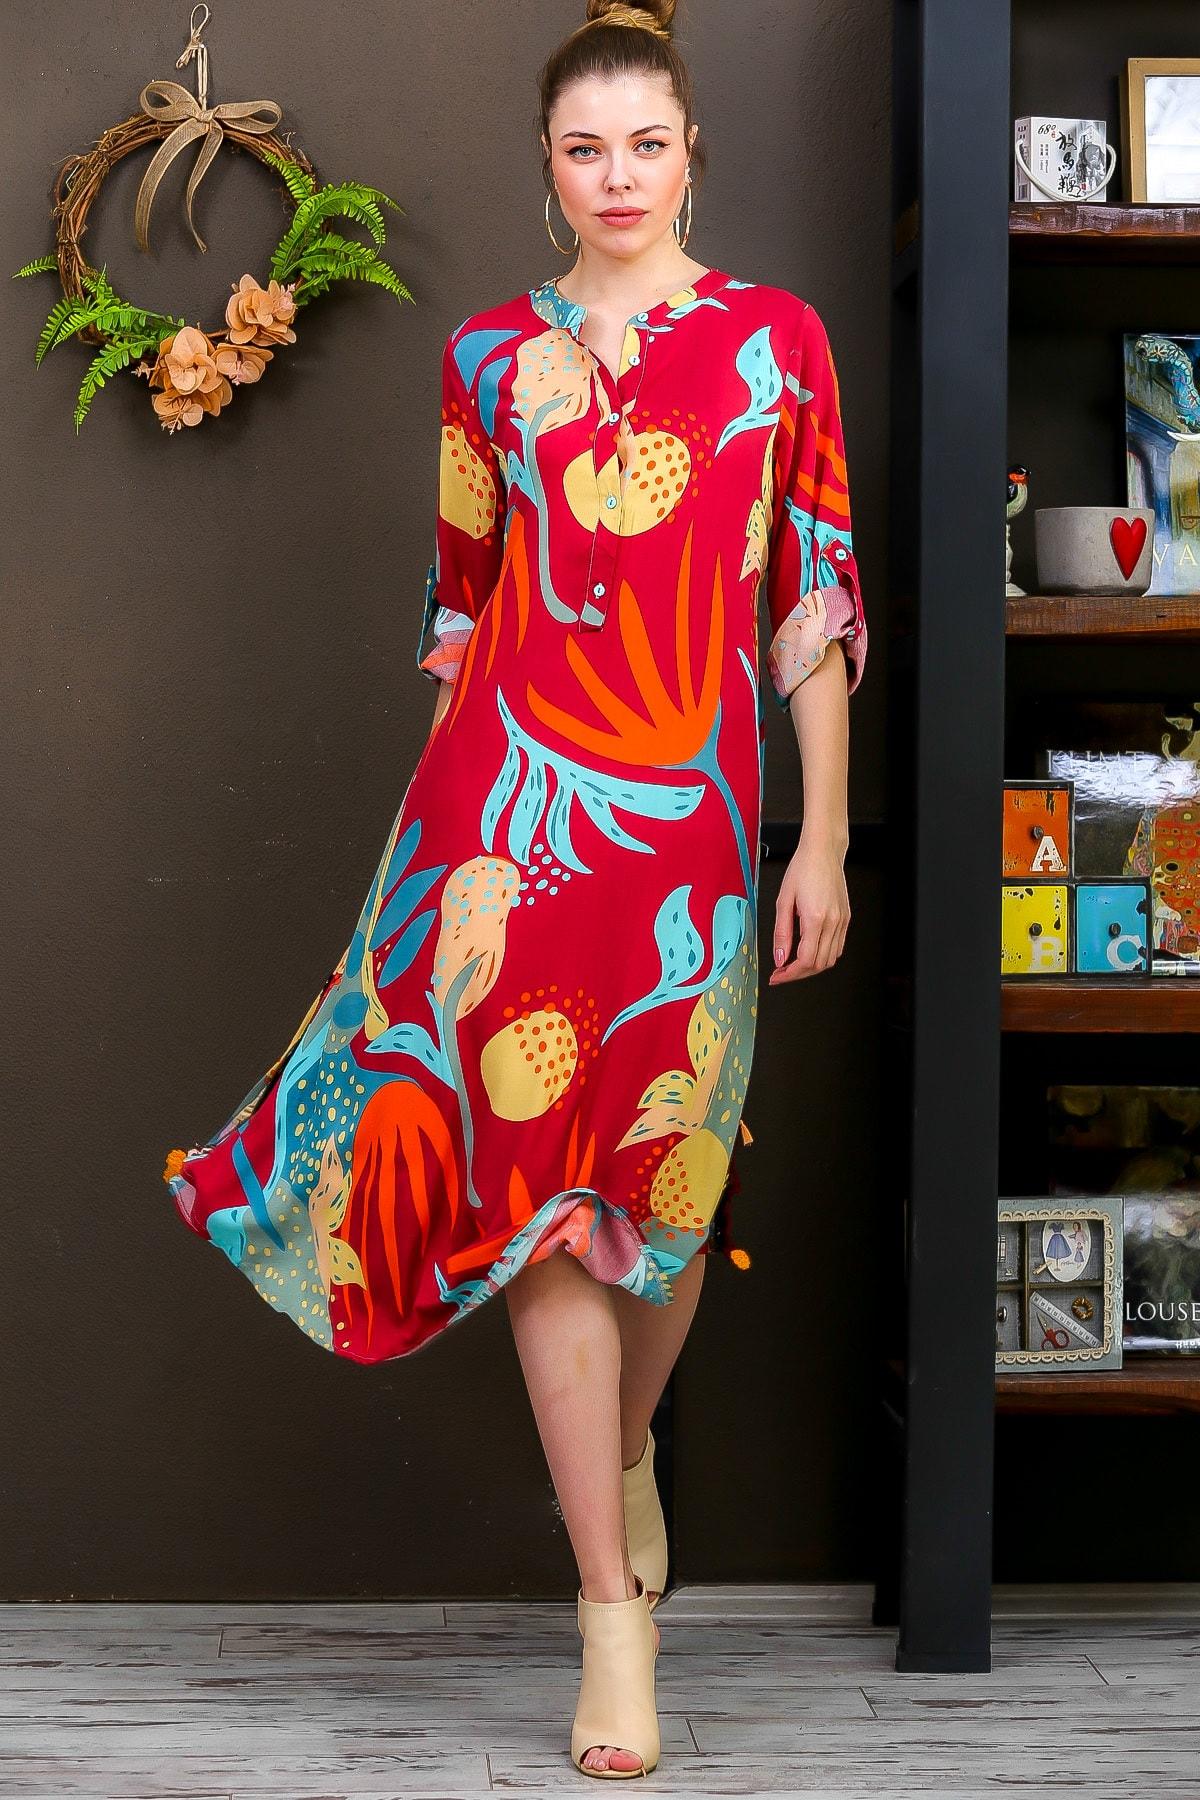 Chiccy Kadın Kiremit  Tropikal Desen Patlı Salaş Yanı Püskül Detay Yırtmaç Dokumaelbise M10160000EL95653 3